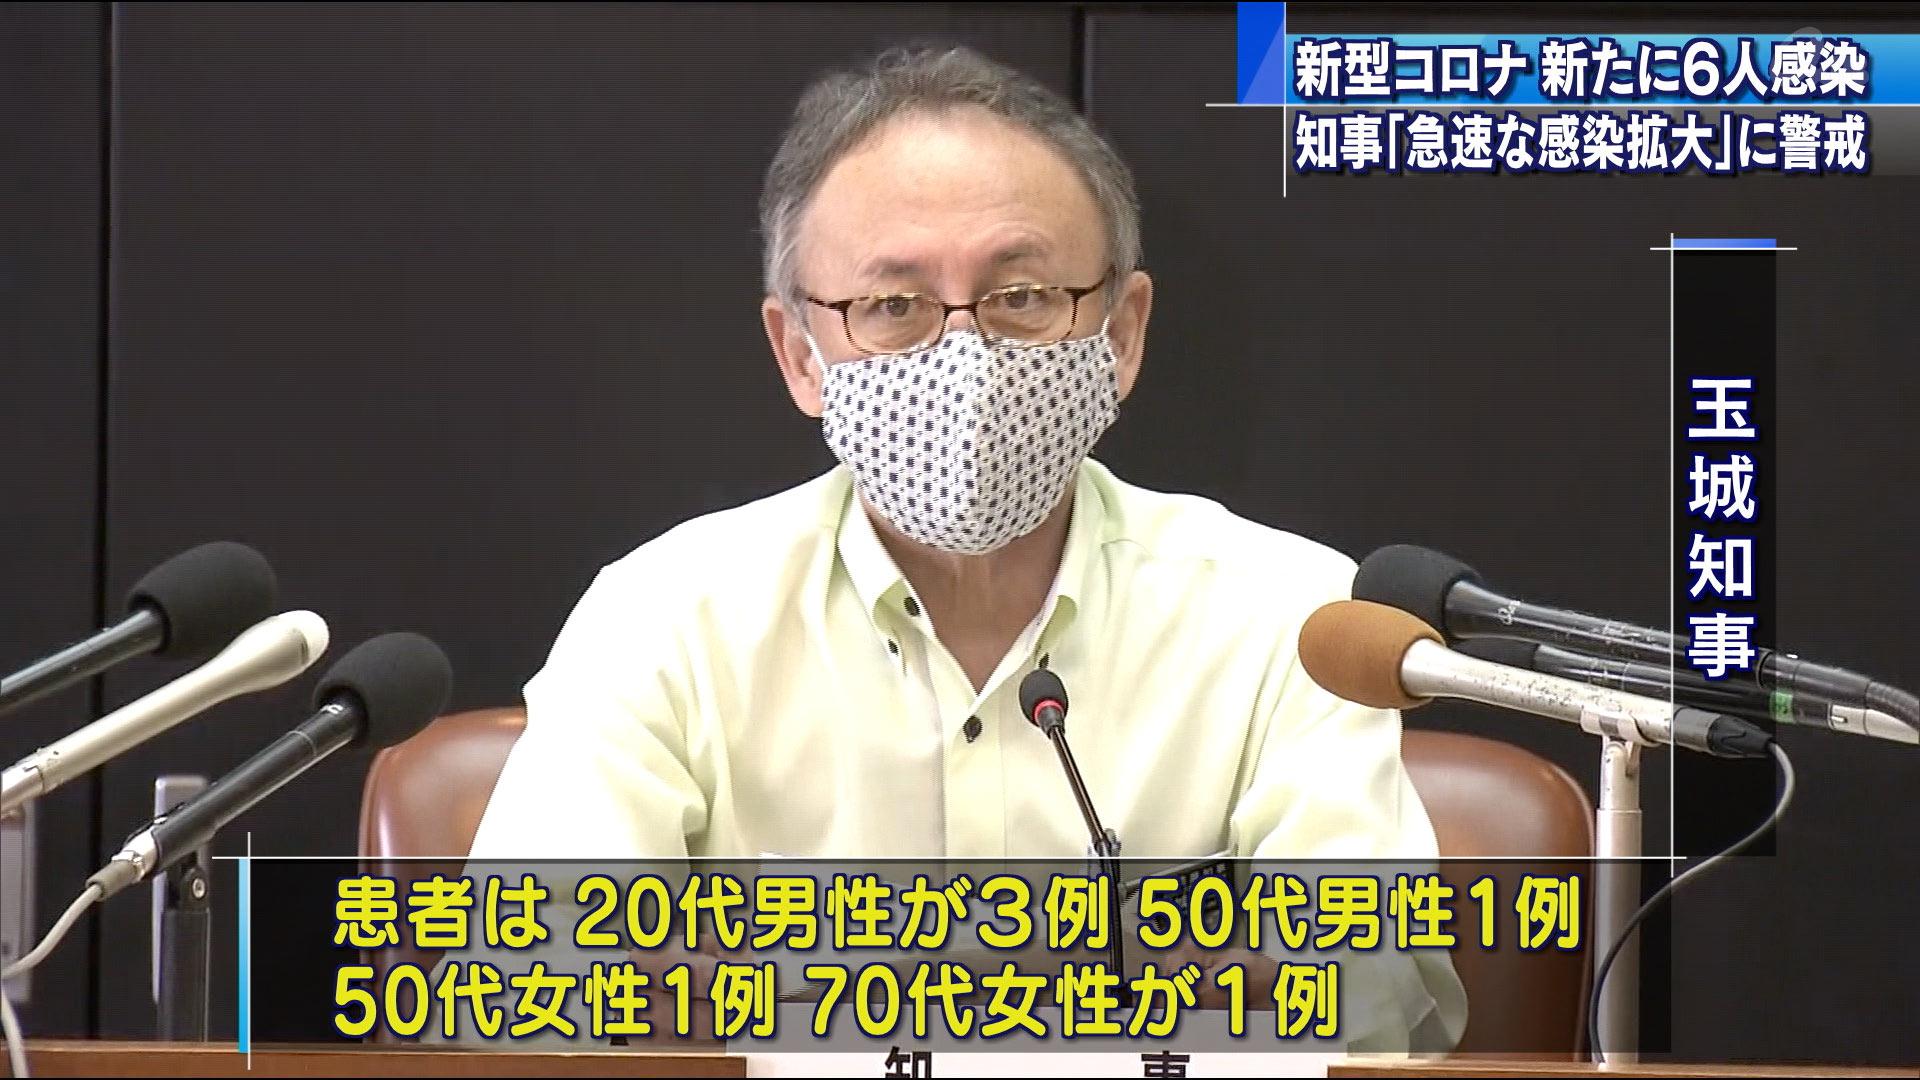 県内で新たに6人が新型コロナ感染確認